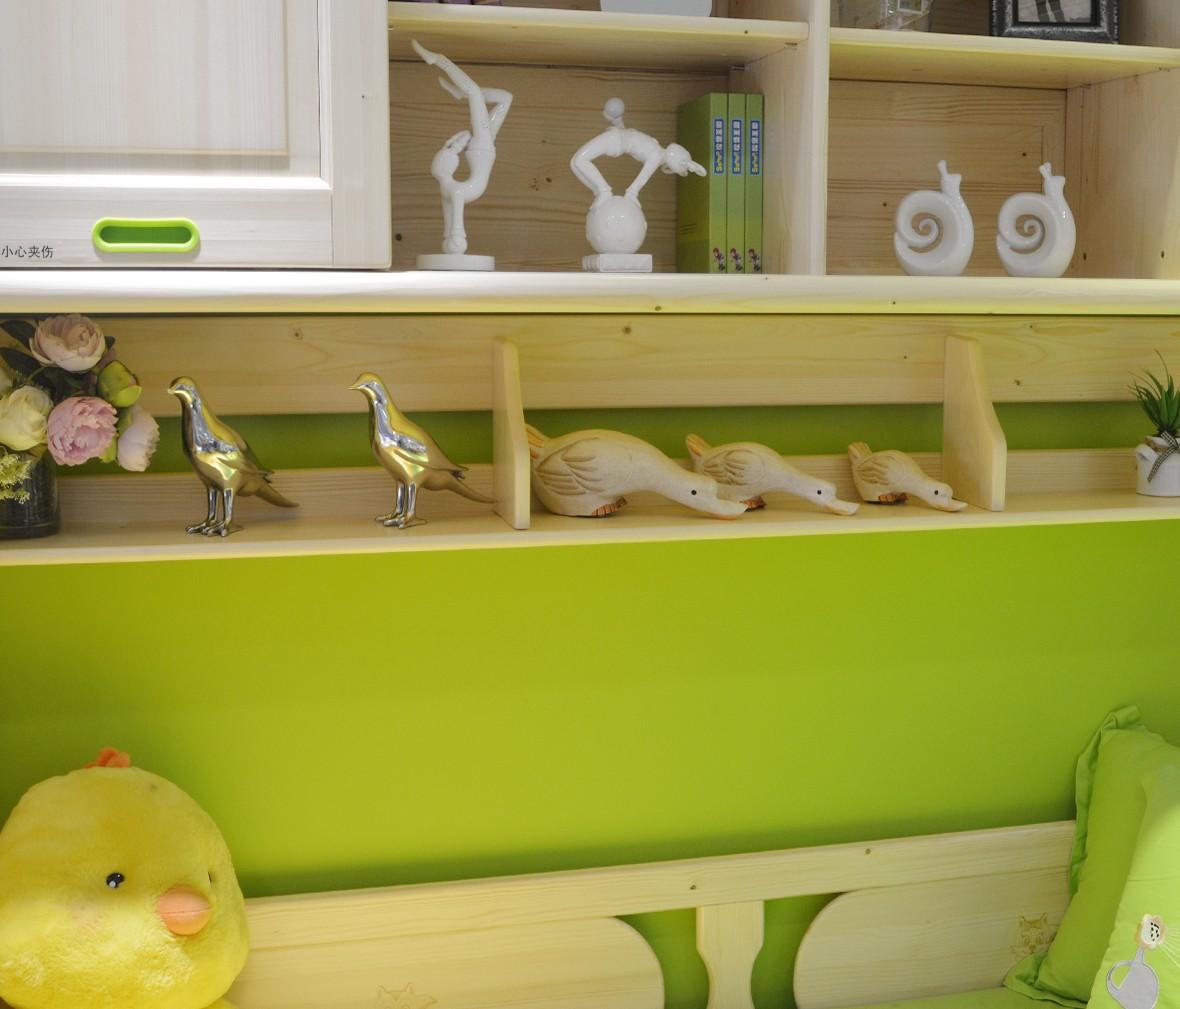 松堡王国 SP-A-C307S型号功能床 芬兰松木材质儿童家具 商品细节